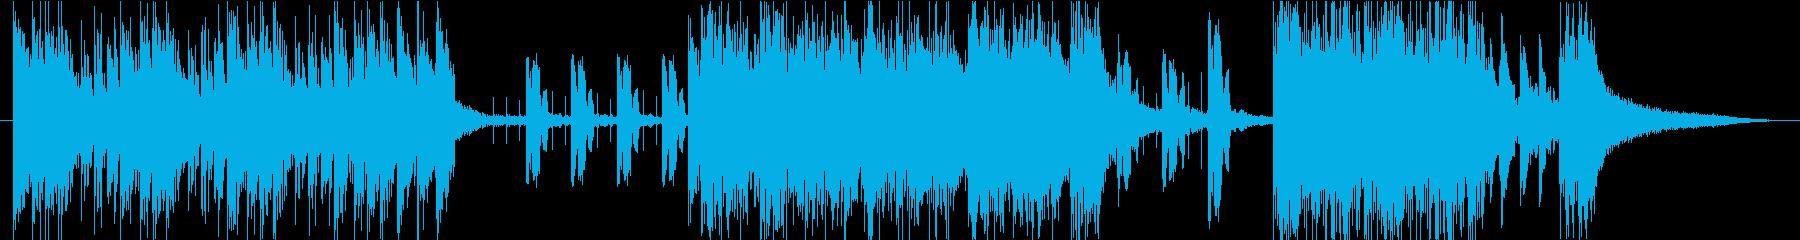 旅立ちをイメージした曲の再生済みの波形